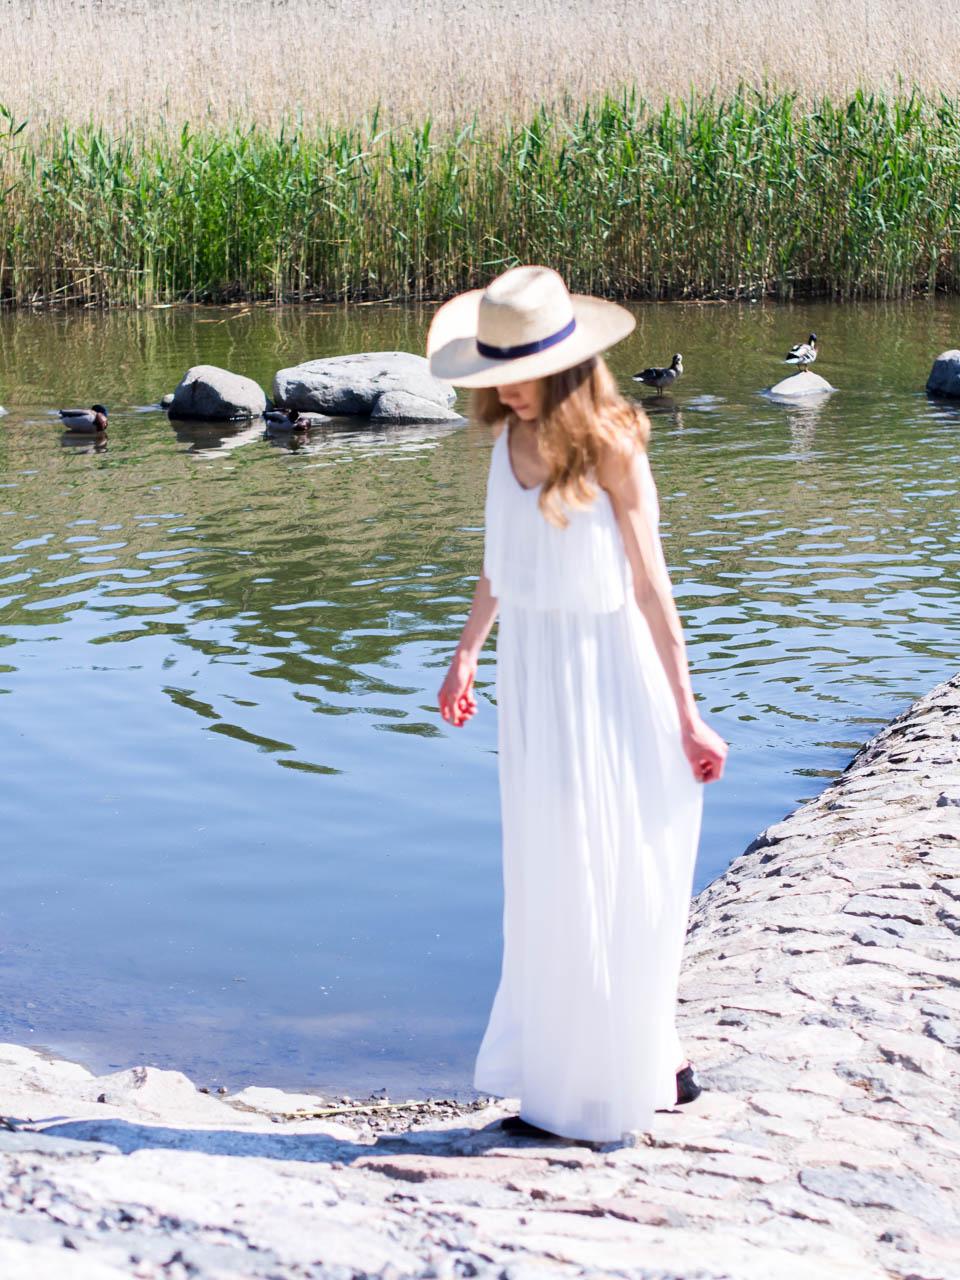 juhannus-midsummer-white-maxi-dress-summer-2019-valkoinen-kesämekko-maksimekko